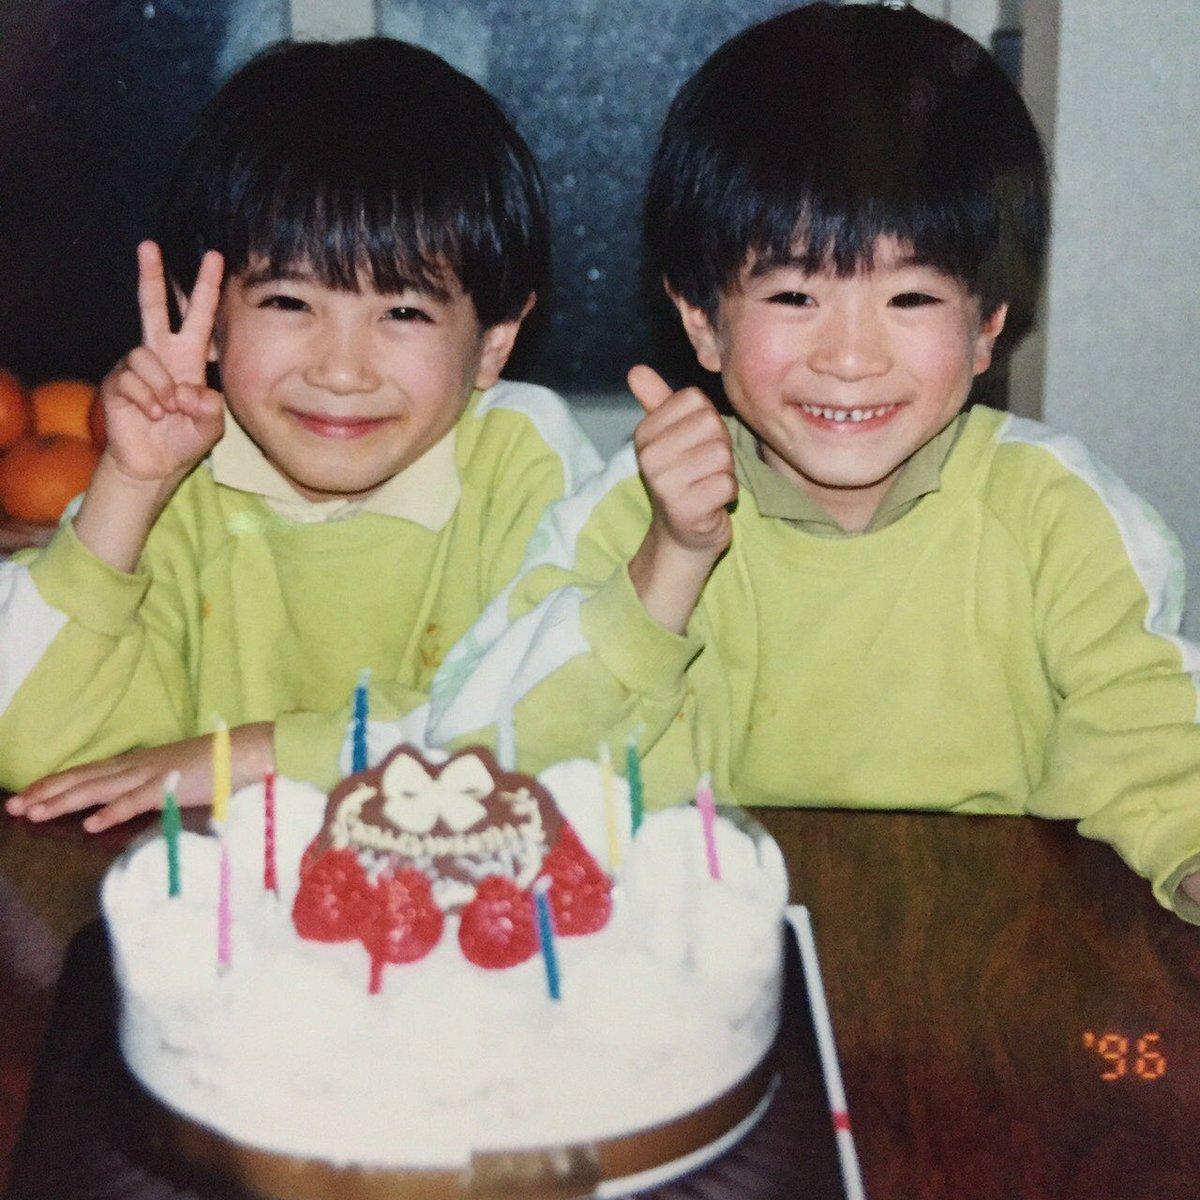 世界一幸せな双子になります ならせてください #フレデリズム2